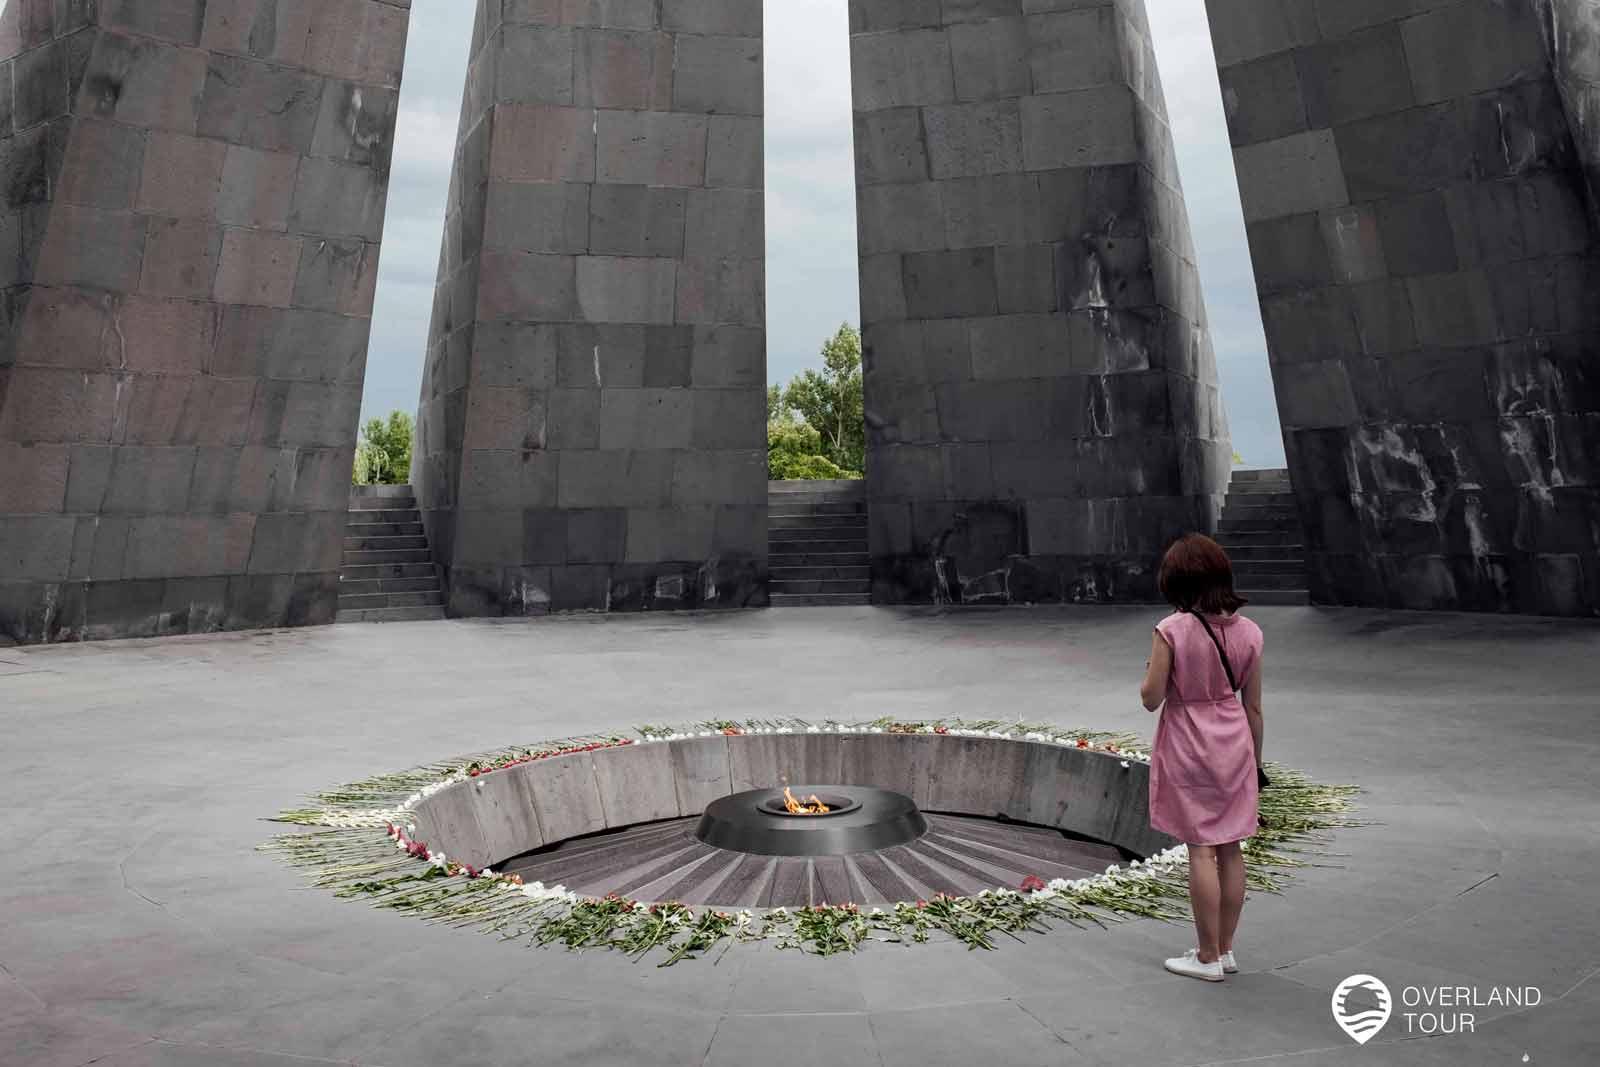 Sehenswürdigkeit Jerewan | Top 5 - Der Völkermord an den Armeniern war einer der ersten systematischen Genozide des 20. Jahrhunderts und geschah während des Ersten Weltkrieges